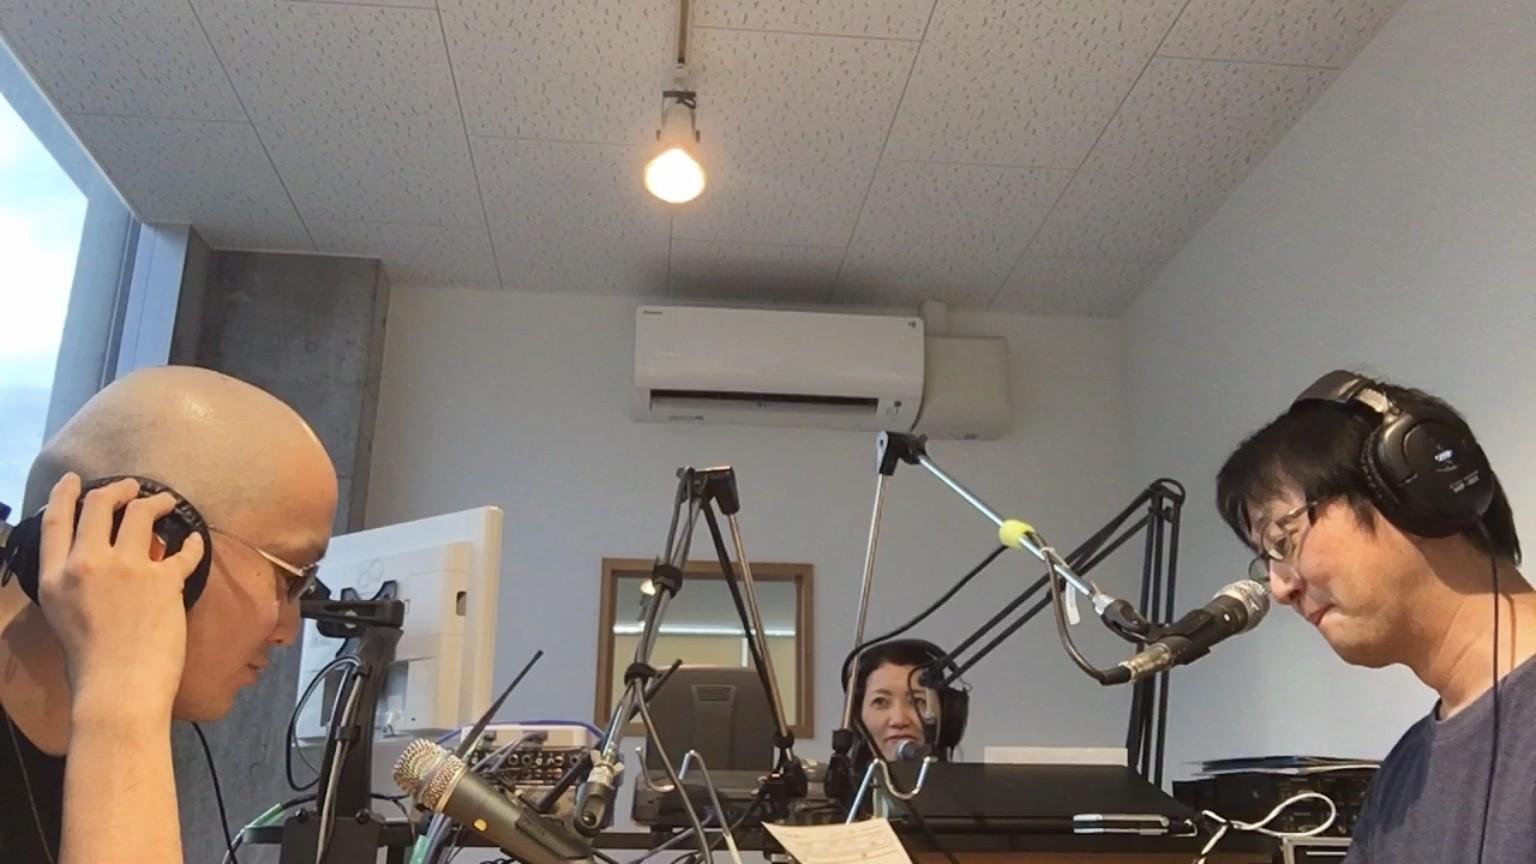 8月2日第32回FMラジオ番組音楽三昧、芸術三昧のお知らせ